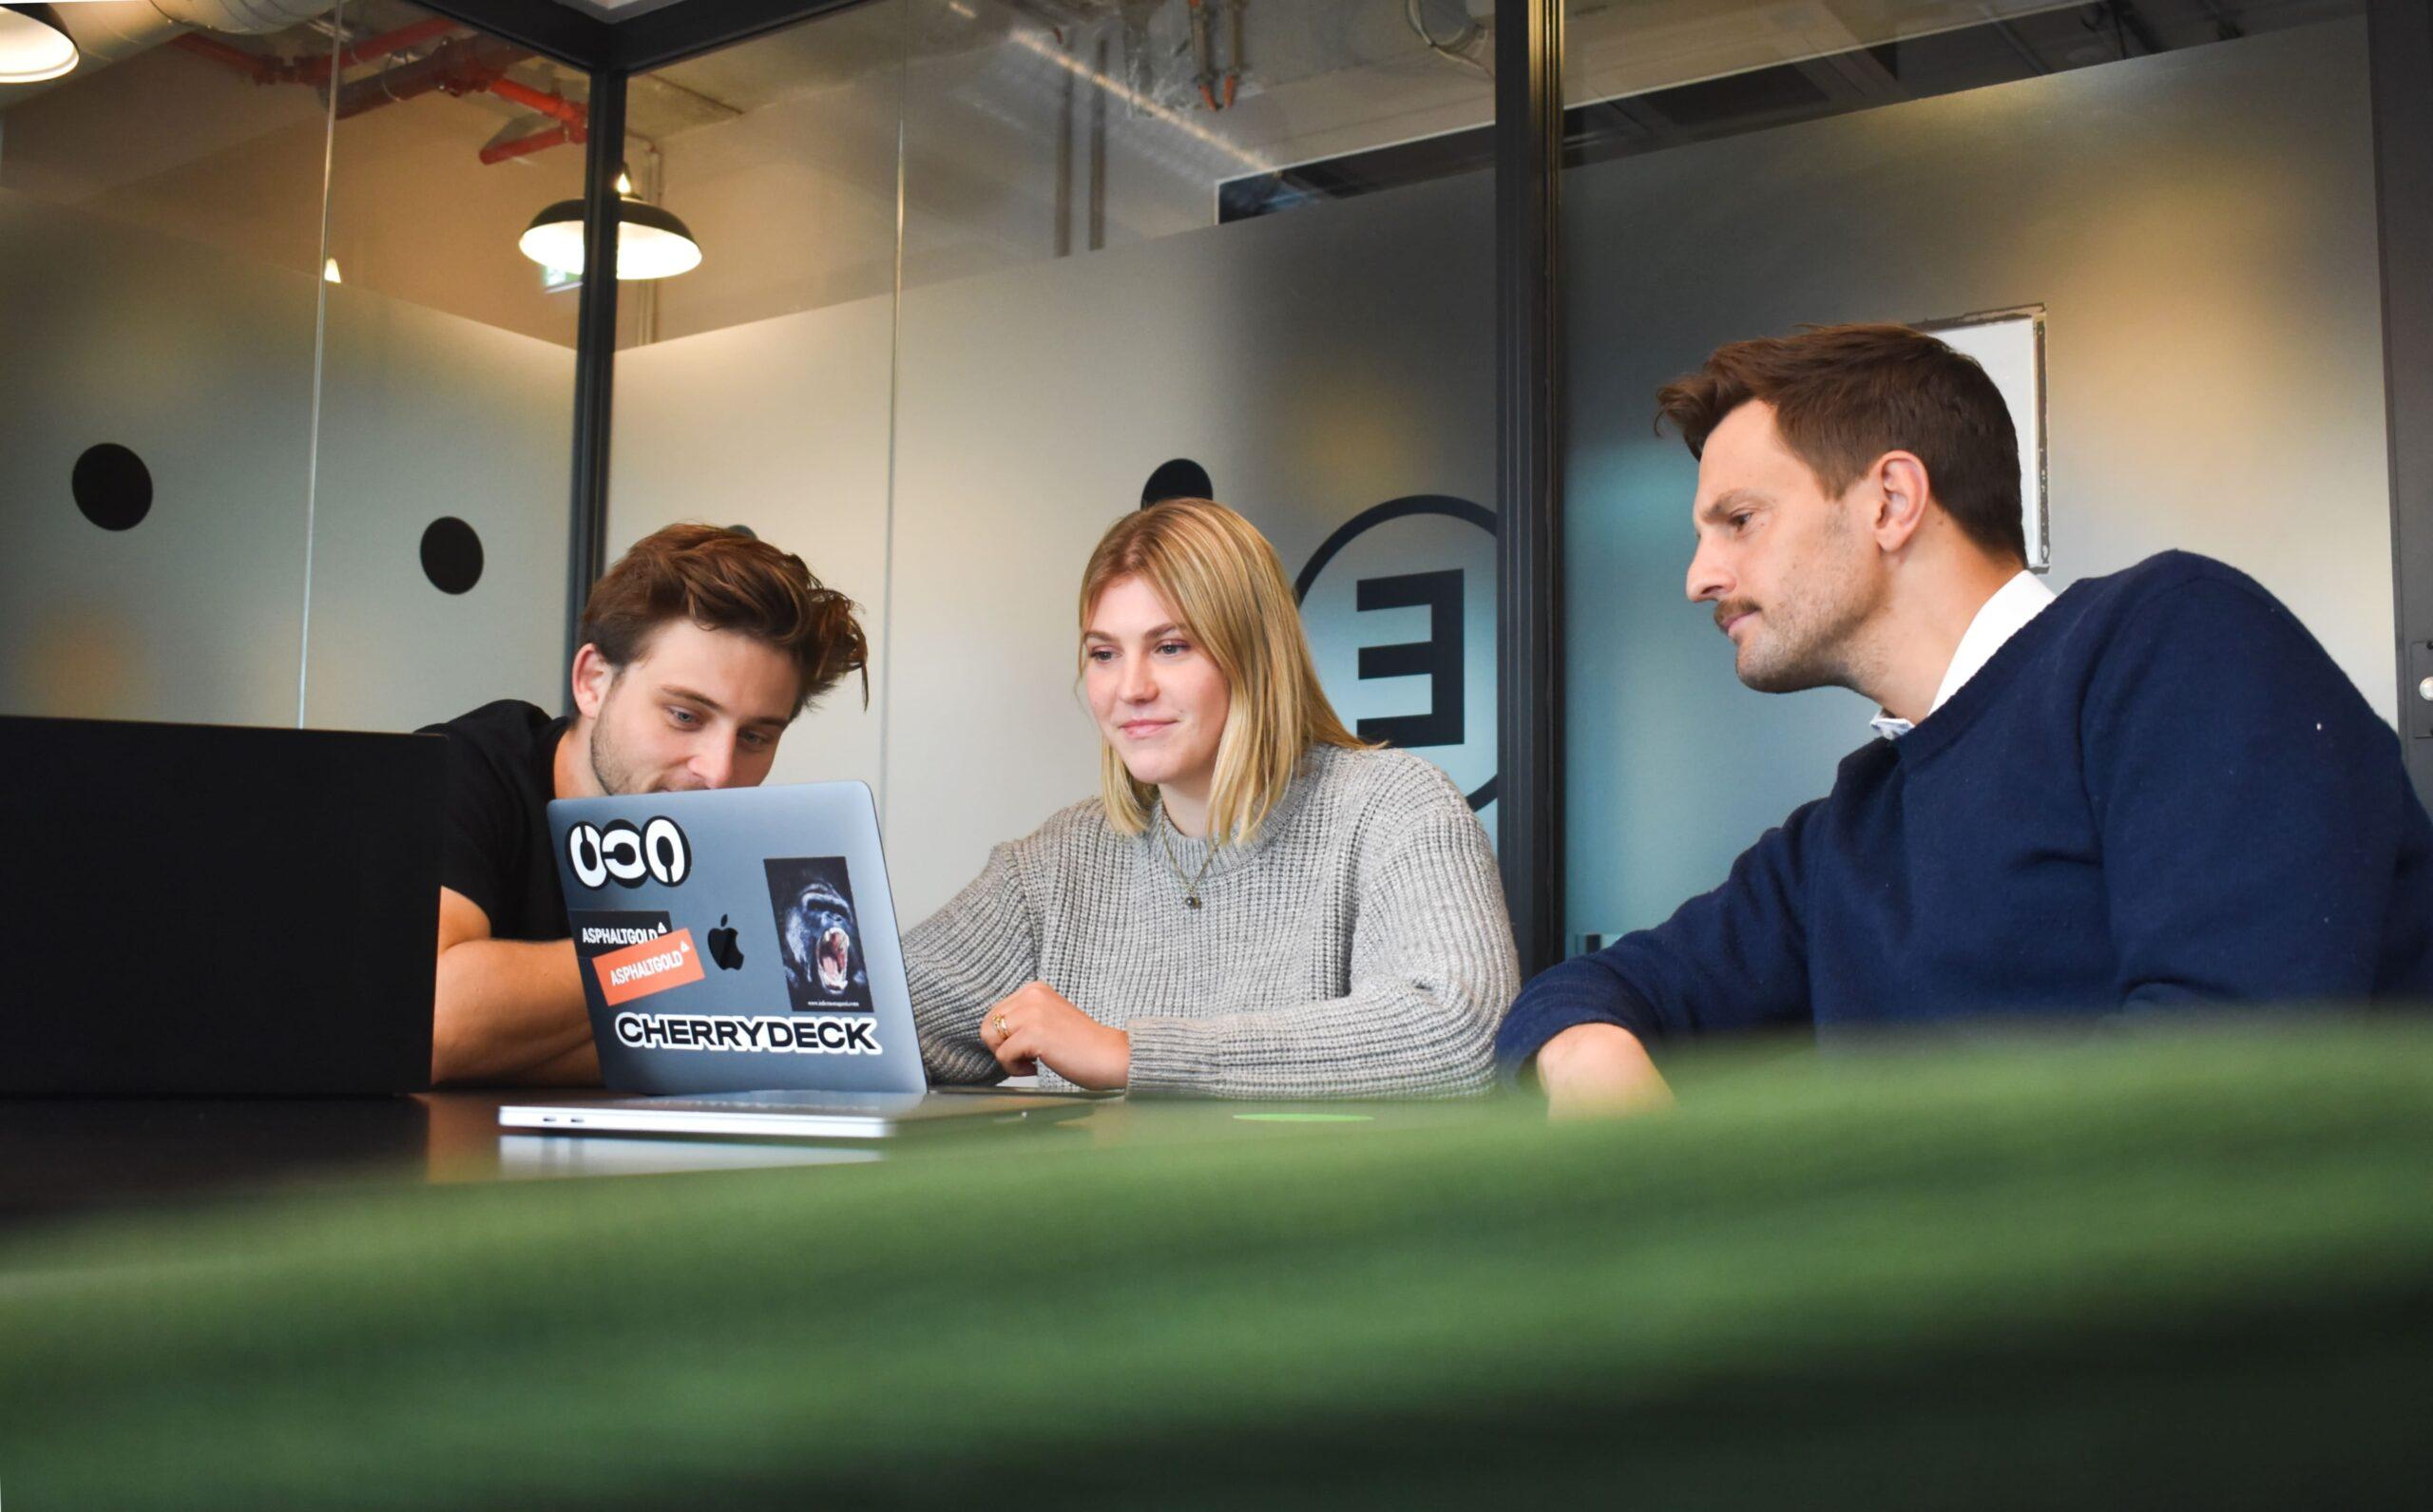 Curso de inglés para empresas Problemas más comunes en el programa de inglés